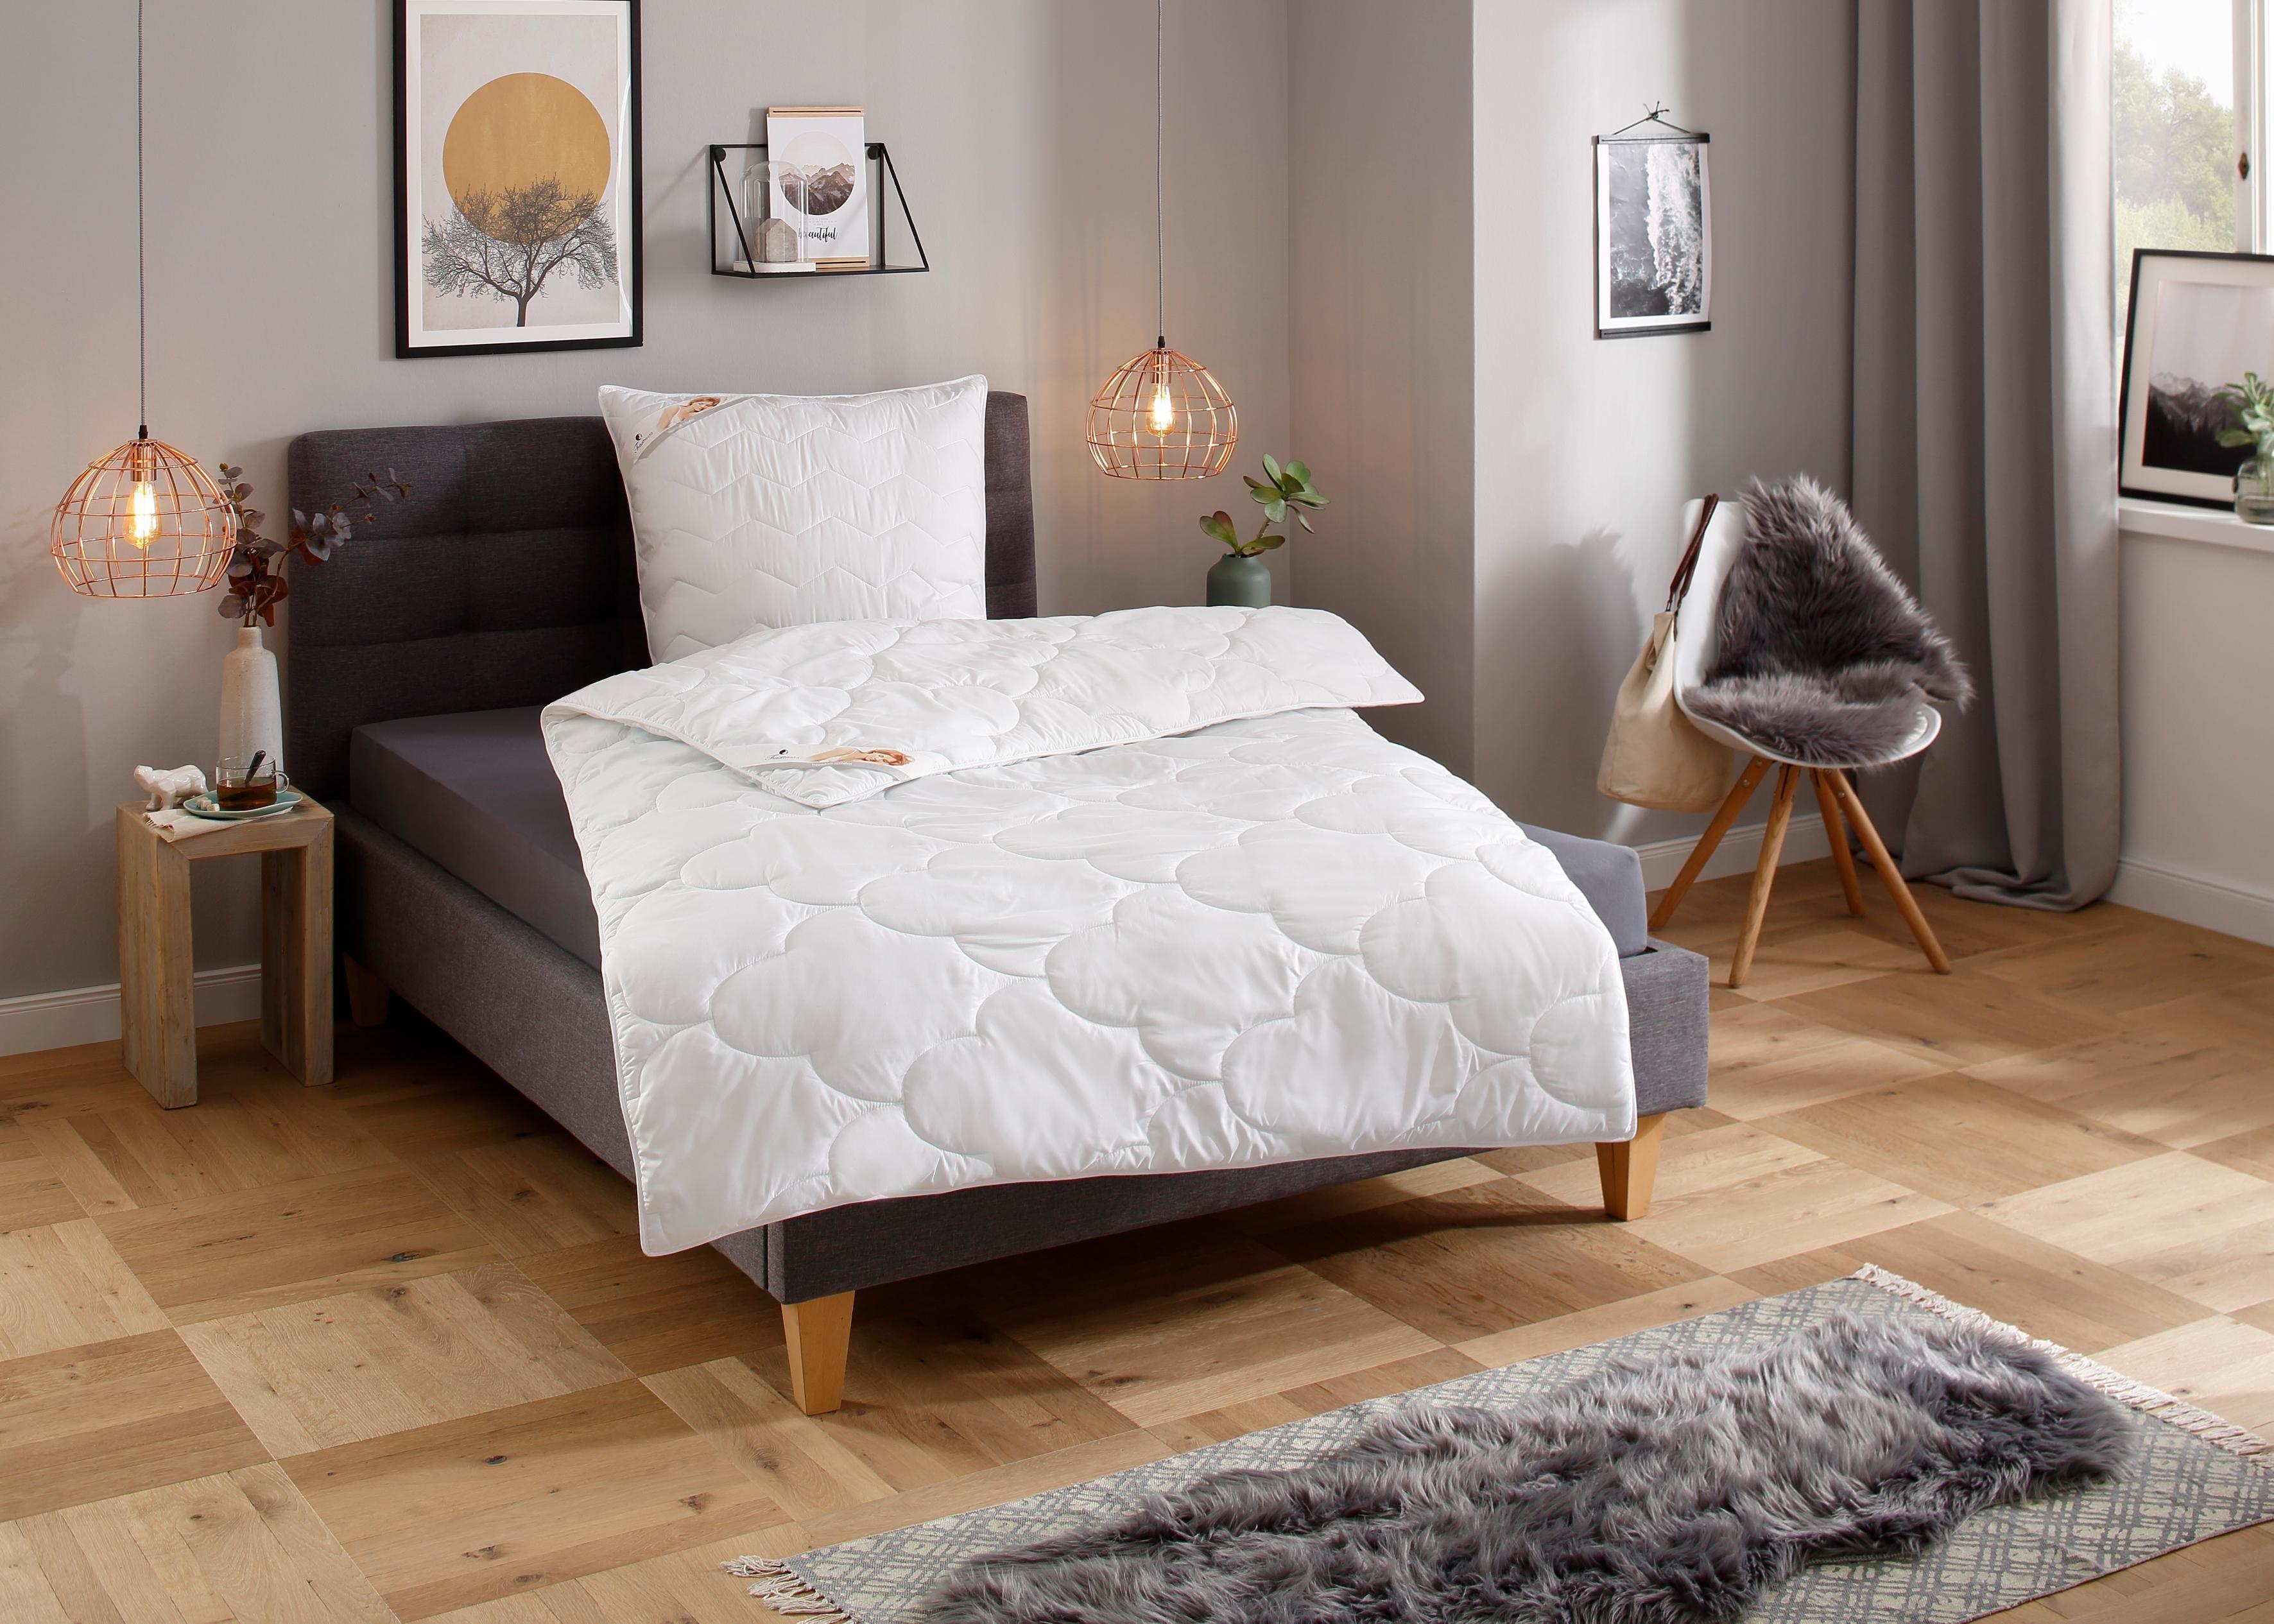 Daunenbetten 135x200 Preisvergleich Die Besten Angebote Online Kaufen